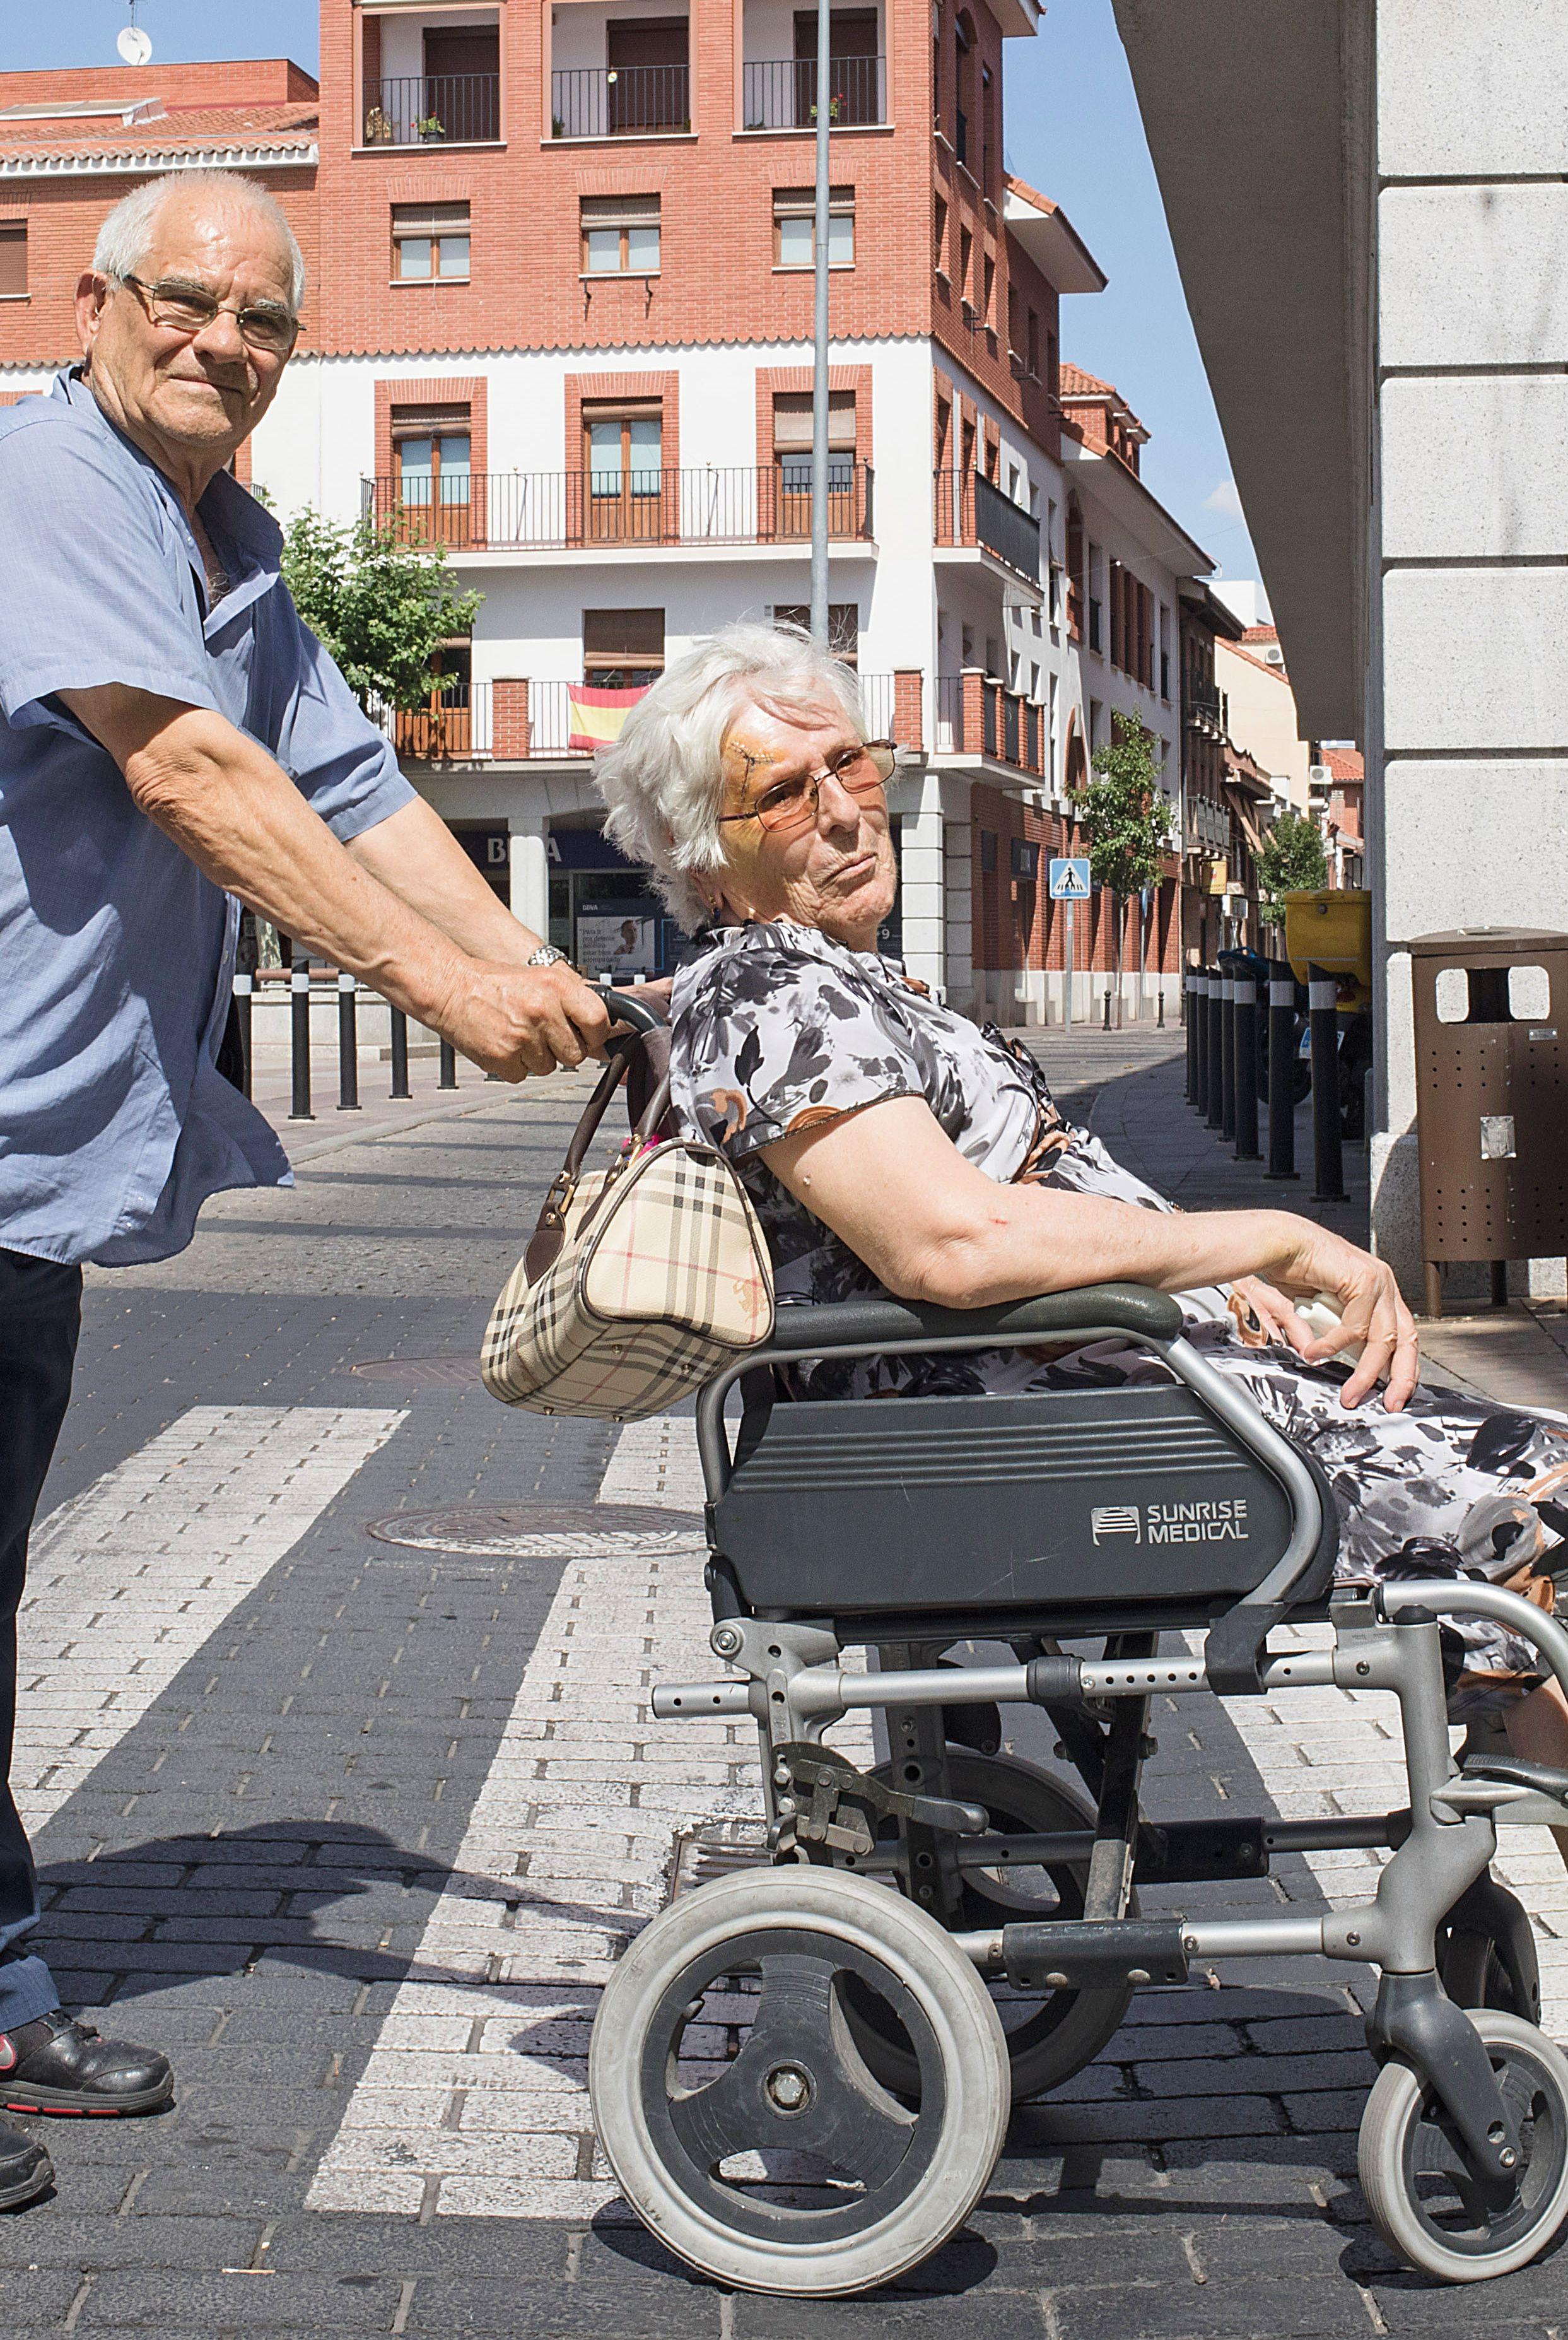 """Antonio und Anna: """"Die Bürgersteige sind jetzt breiter, das ist gut. Und es gibt Schwellen an Fußgängerüberwegen und Beleuchtung, da passieren jetzt nicht mehr so viele Unfälle. Wir fühlen uns sicherer, auch durch die Polizeipräsenz."""" Foto: Cesar Dezfuli"""